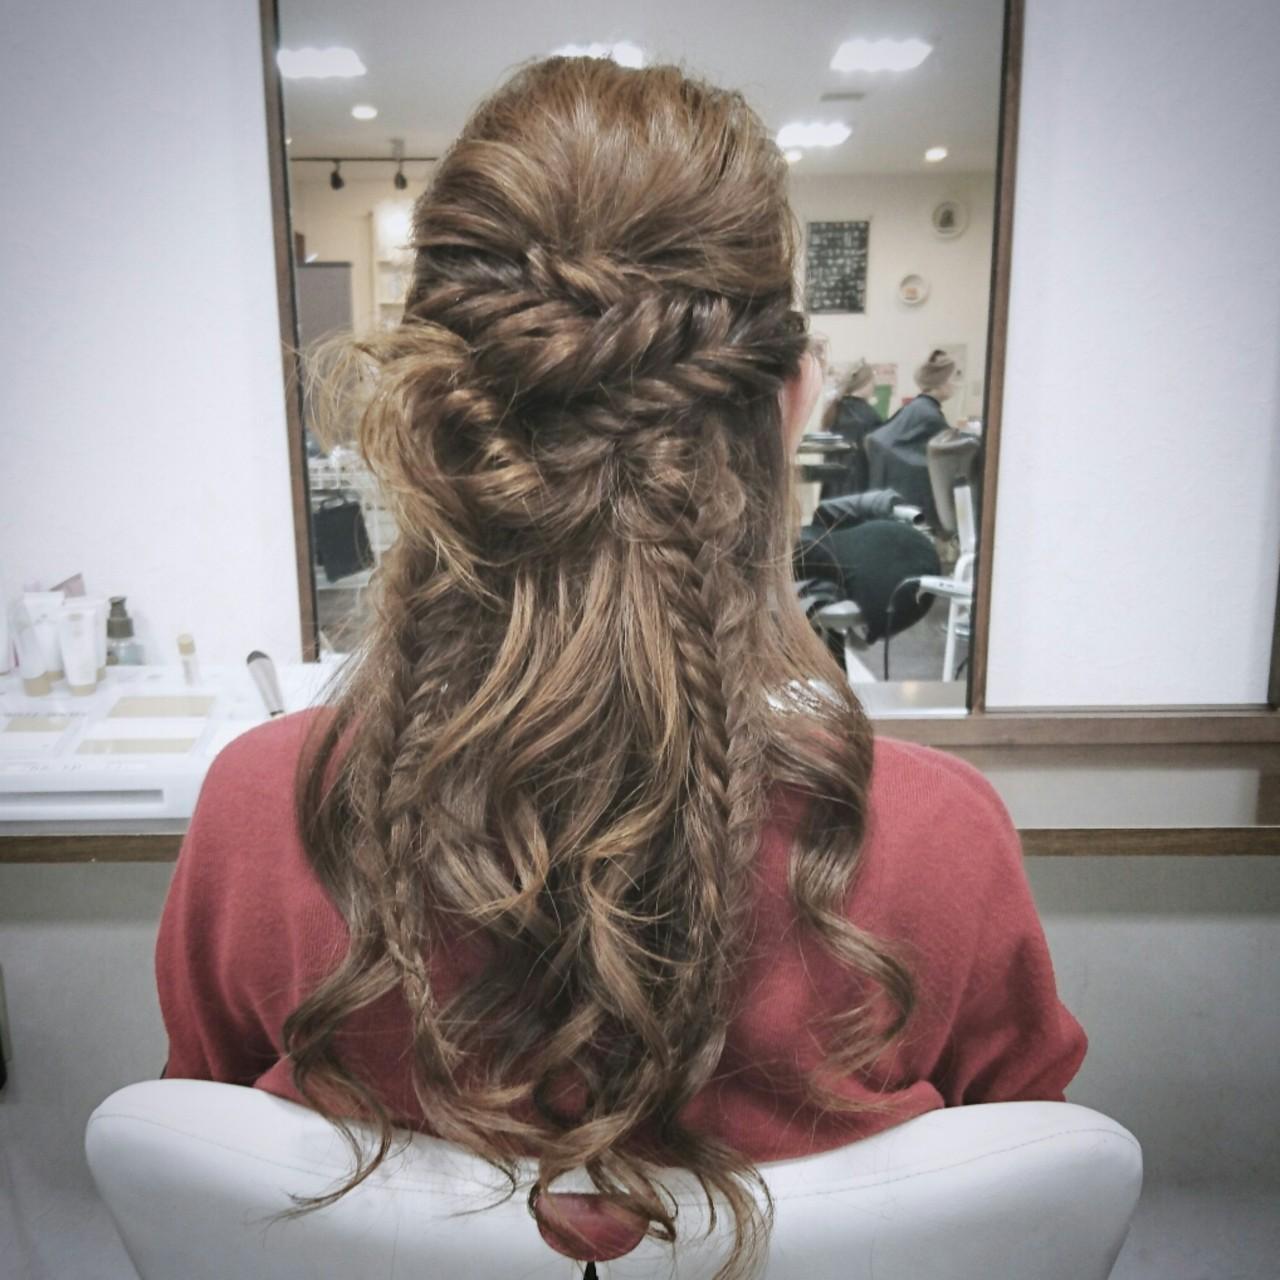 ロング ヘアアレンジ ハーフアップ フィッシュボーン ヘアスタイルや髪型の写真・画像